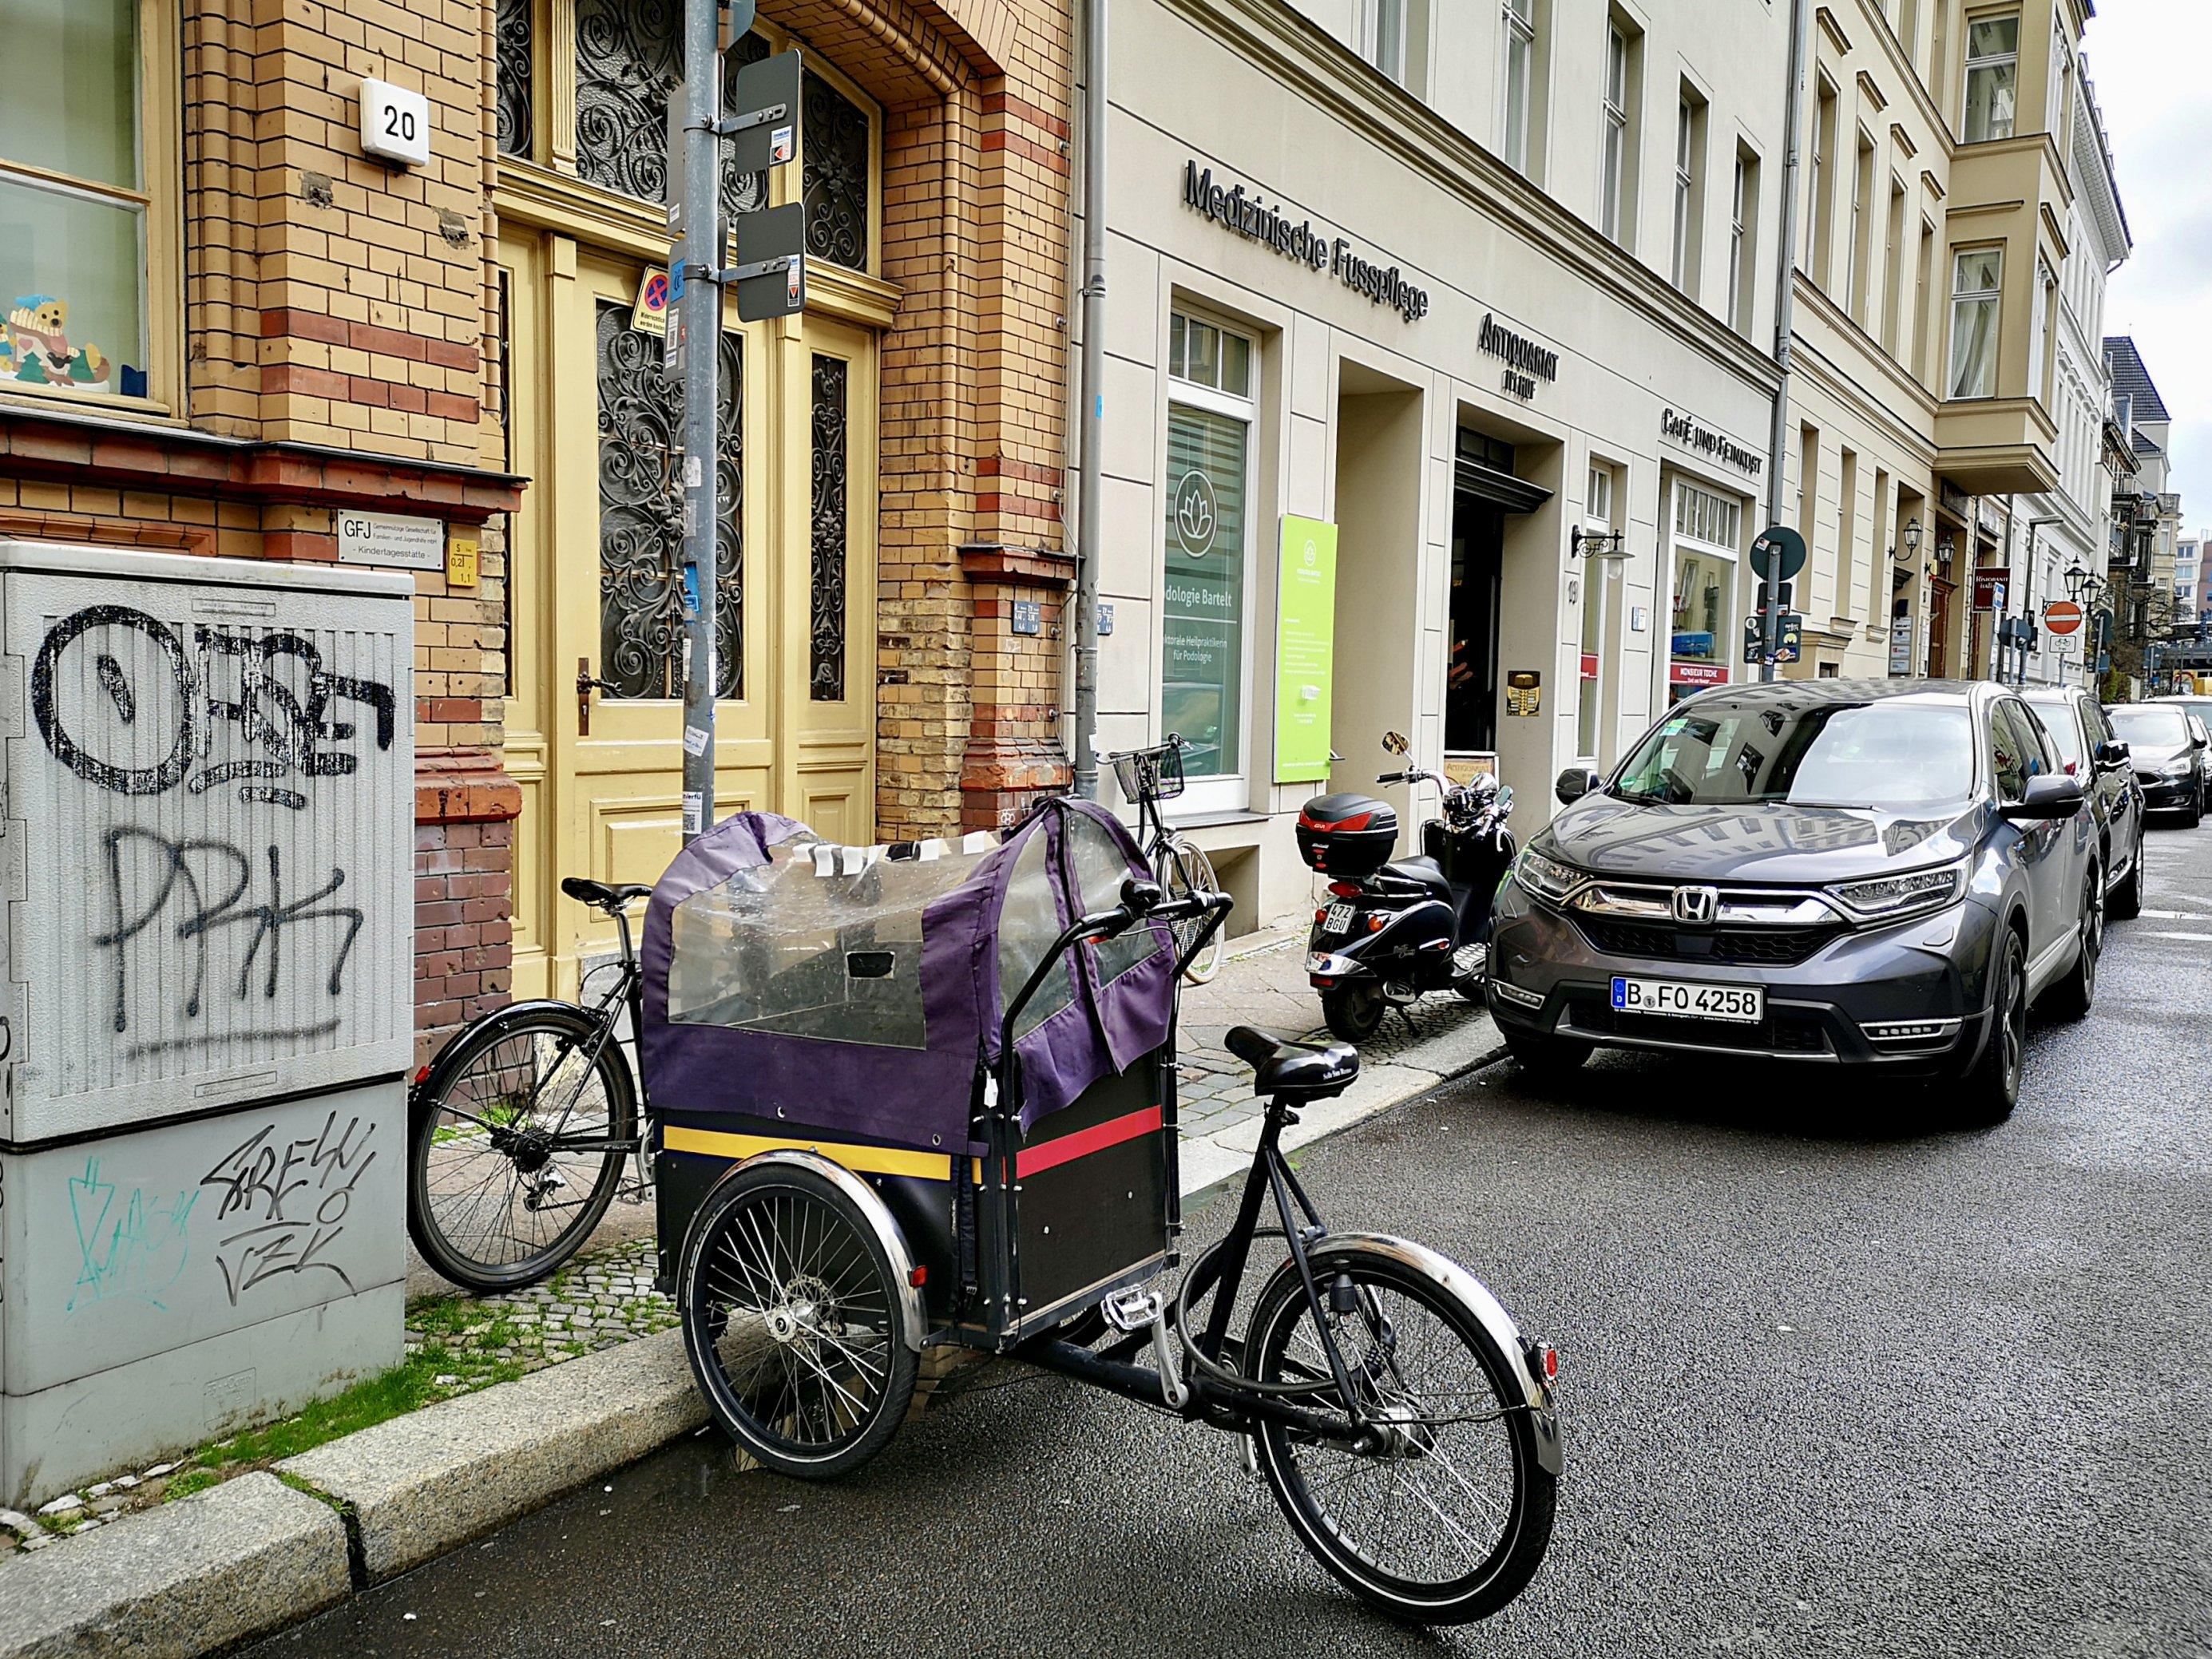 Das Lastenrad parkt auf der Straße. Die Transportbox steht mit der Kopfseite am Bordstein